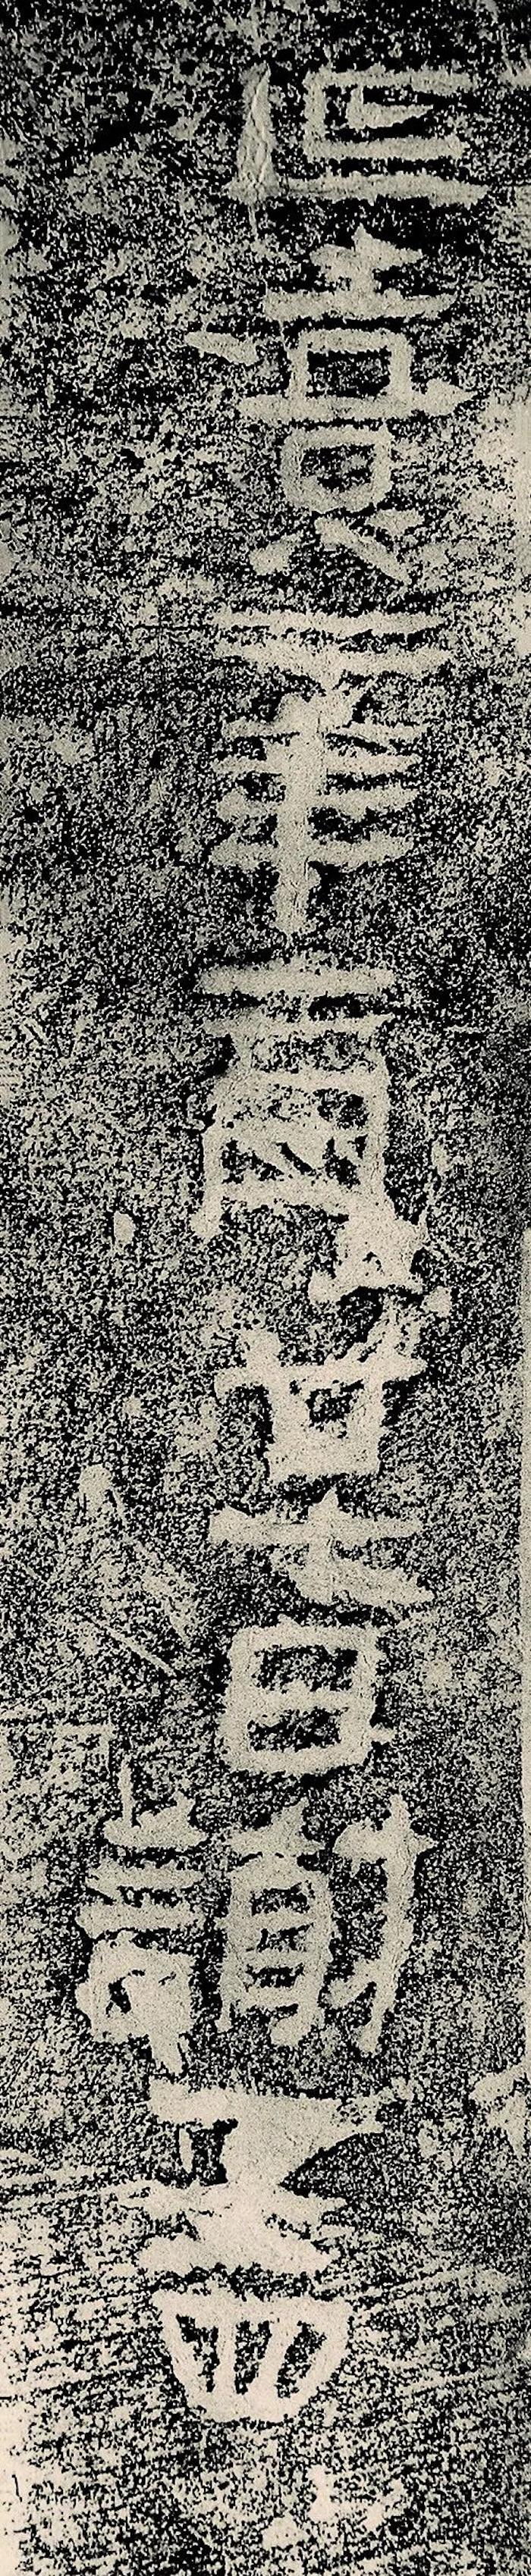 東漢延熹二年(一五九) 重慶江津沙河鄉水滸村延熹二年畫像崖墓題記拓片